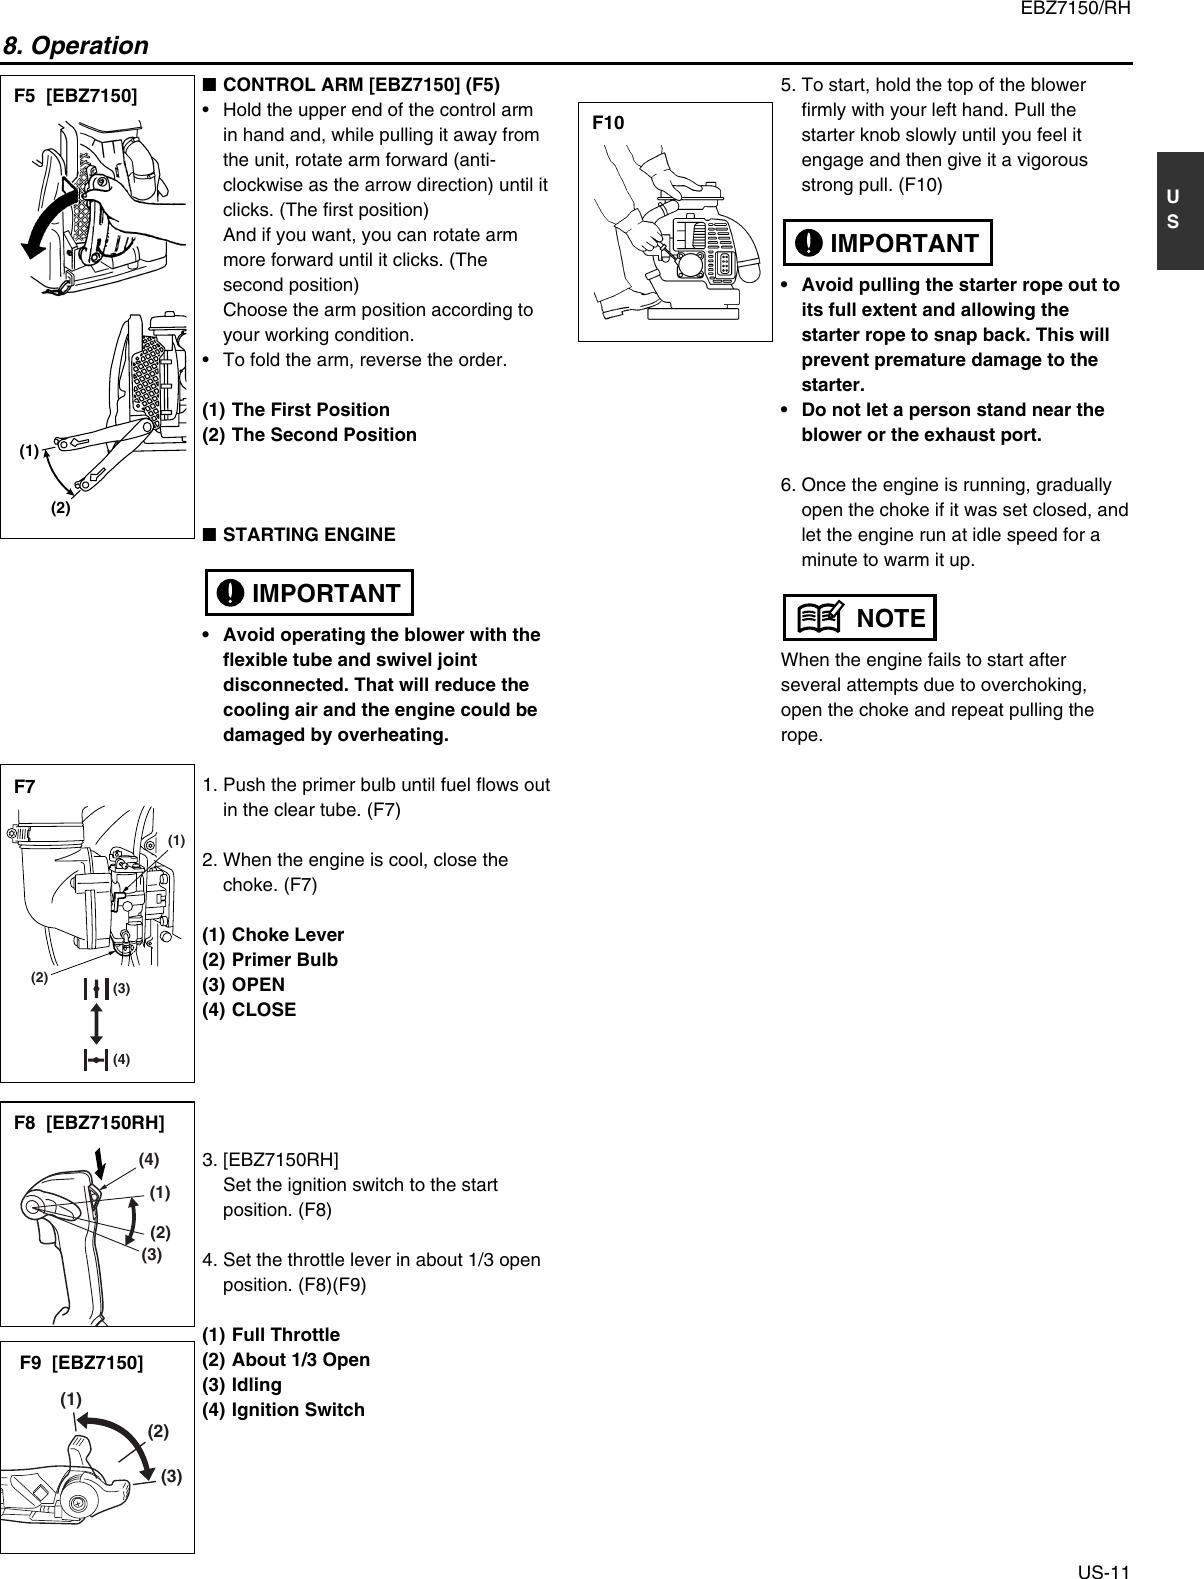 Redmax Ebz7150 Users Manual OM, EBZ7150, EBZ7150RH, 2009 09